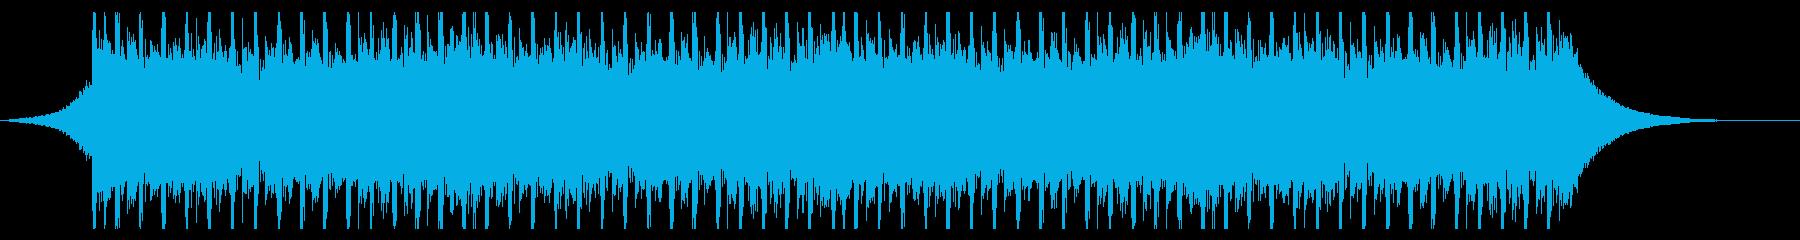 建設ビル(40秒)の再生済みの波形